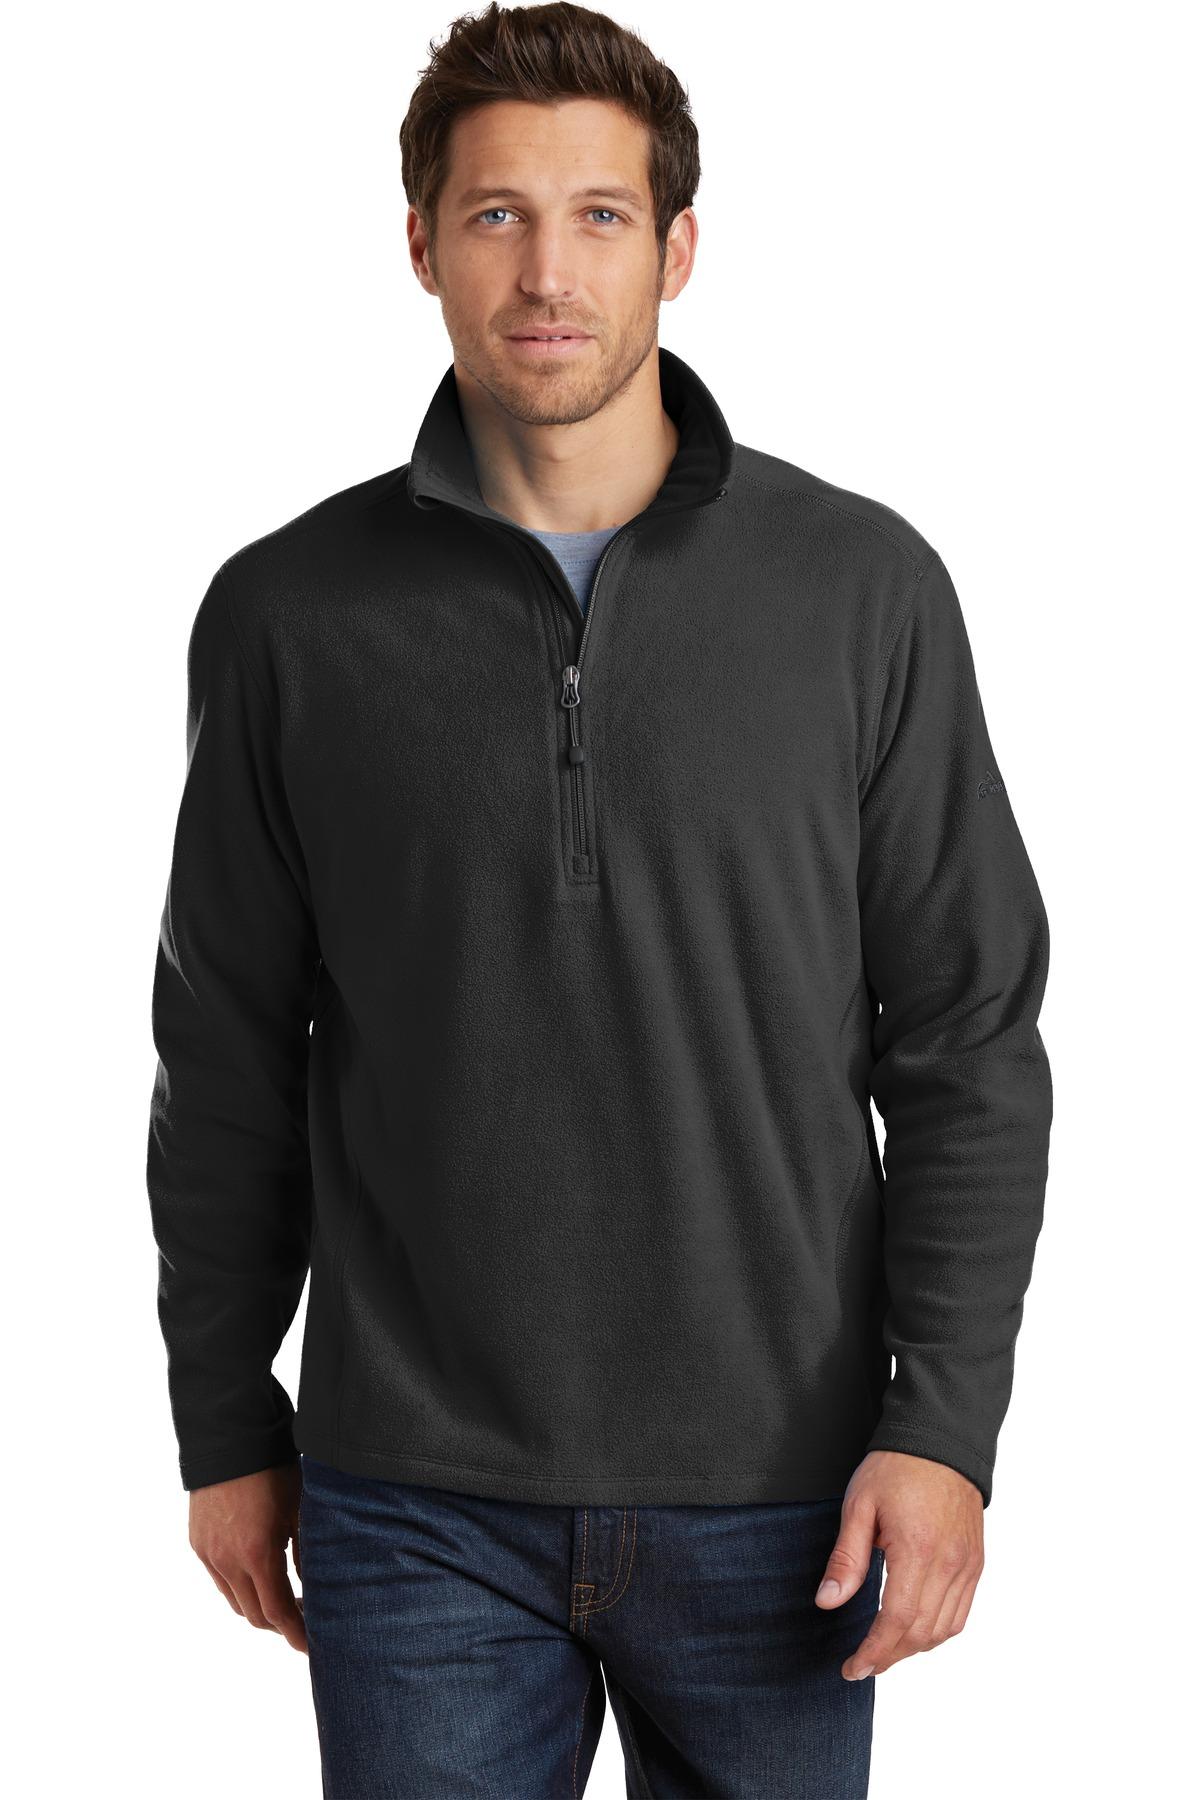 Eddie Bauer  EB226 - 1/2-Zip Microfleece Jacket